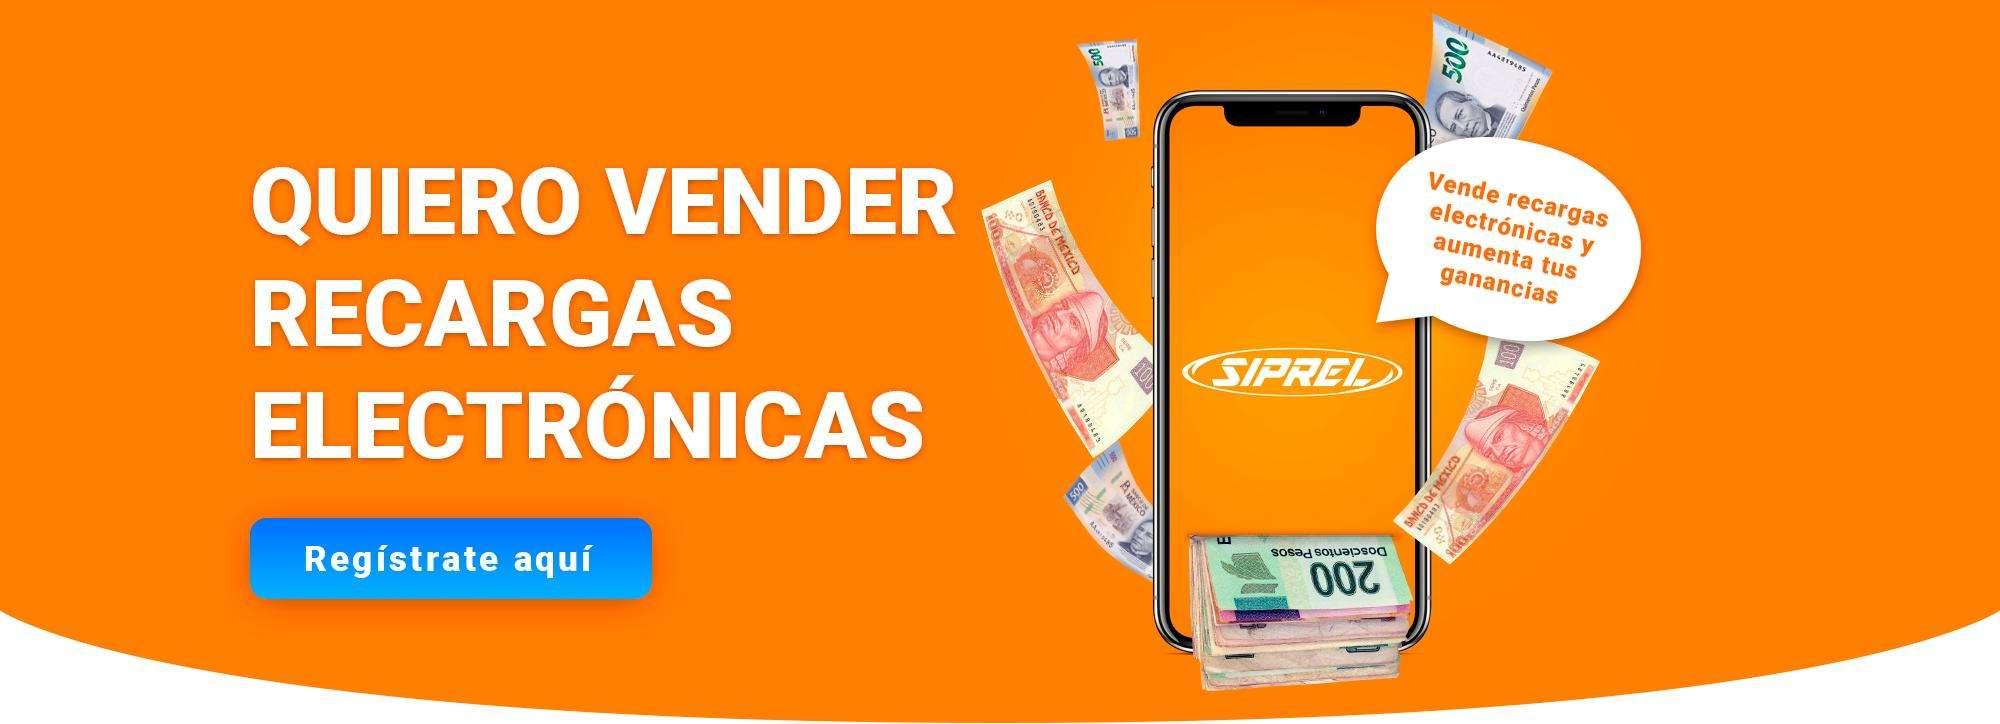 Recargas electrónicas Telcel, Movistar, Unefon, AT&T, Nextel, Iusacell, Virgin, Cierto, Maz Tiempo, Weex, Flash Mobile, Oui, SIMPATI